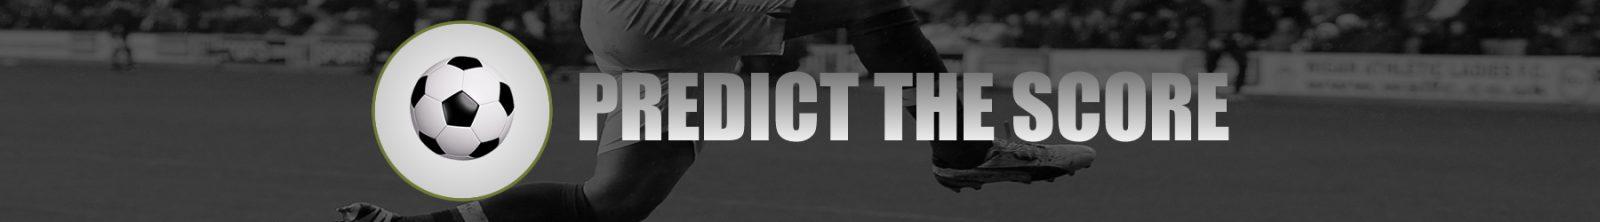 Predict The Score